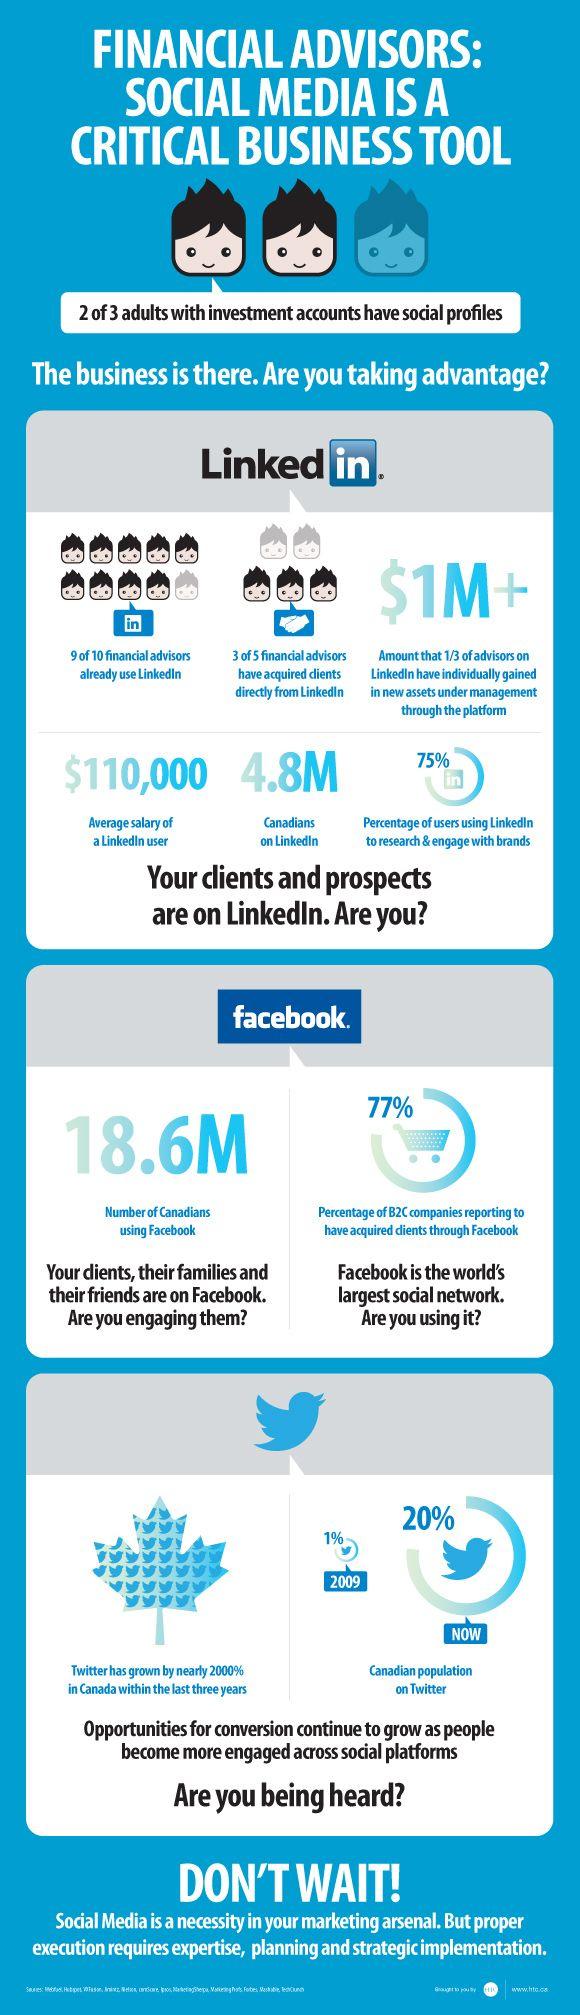 El Social Media es imprescindible para los asesores financieros #infografia #infographic #socialmedia